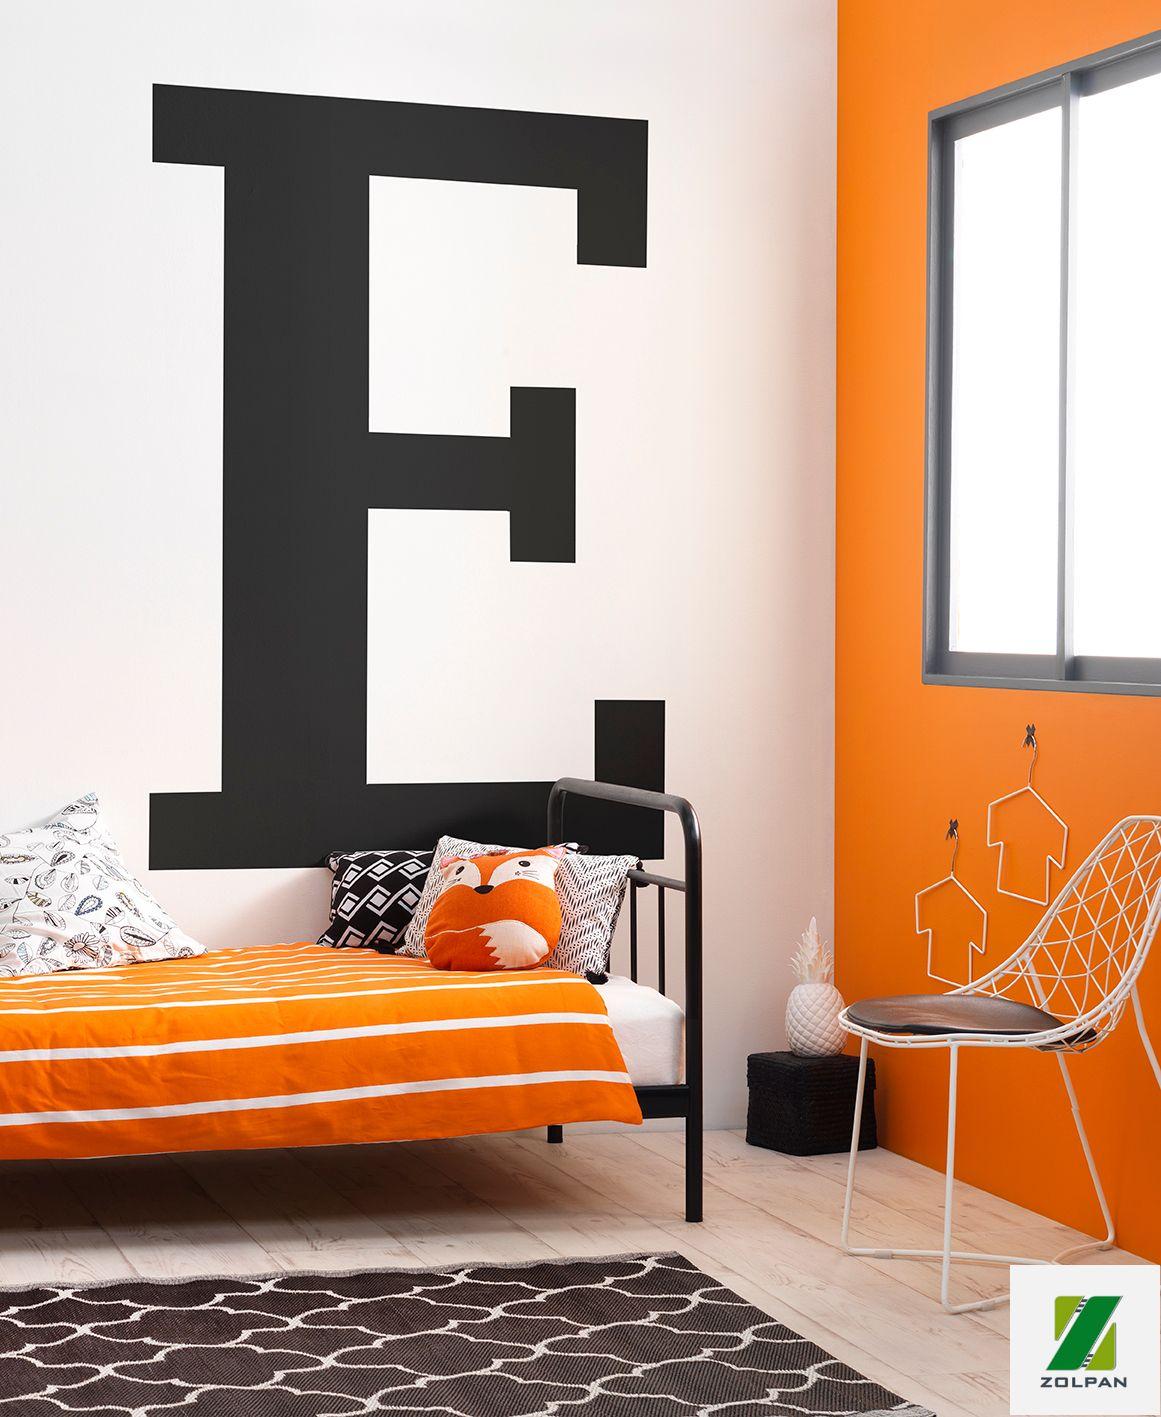 Les Petits Cachottiers Nuances Enfantines Zolpan Pour Chambre D Enfant 3 6ans Zolpan Peinture Orange C Deco Chambre Garcon Deco Chambre Ados Deco Chambre